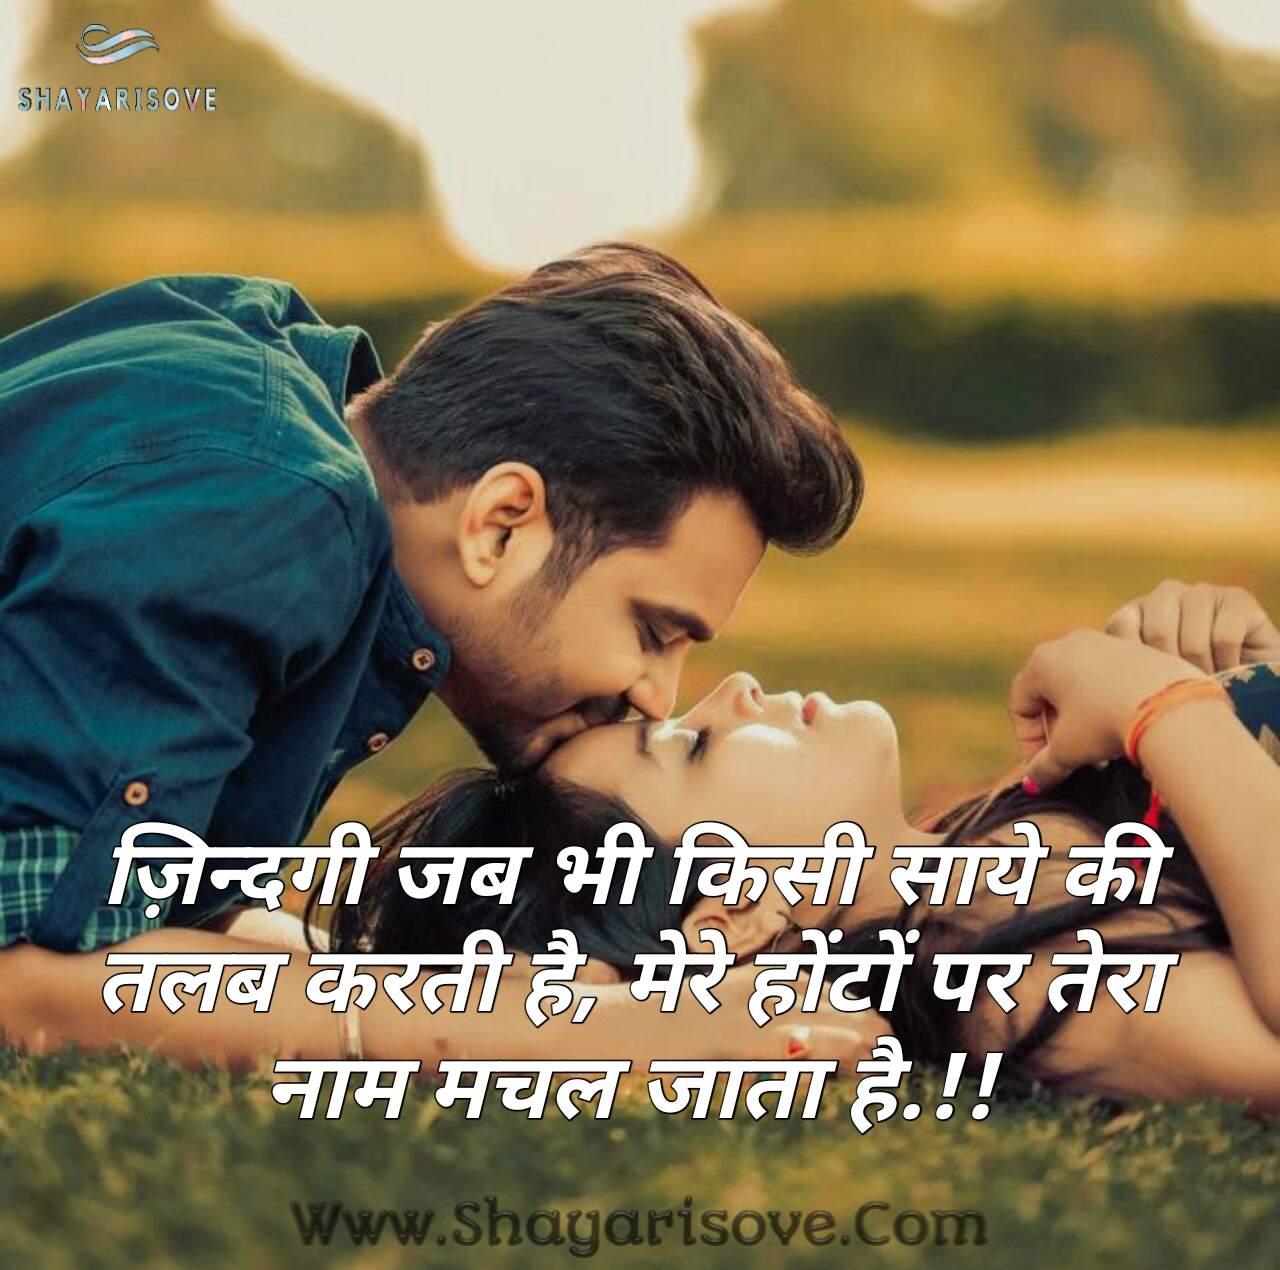 Zindagi jab bhi